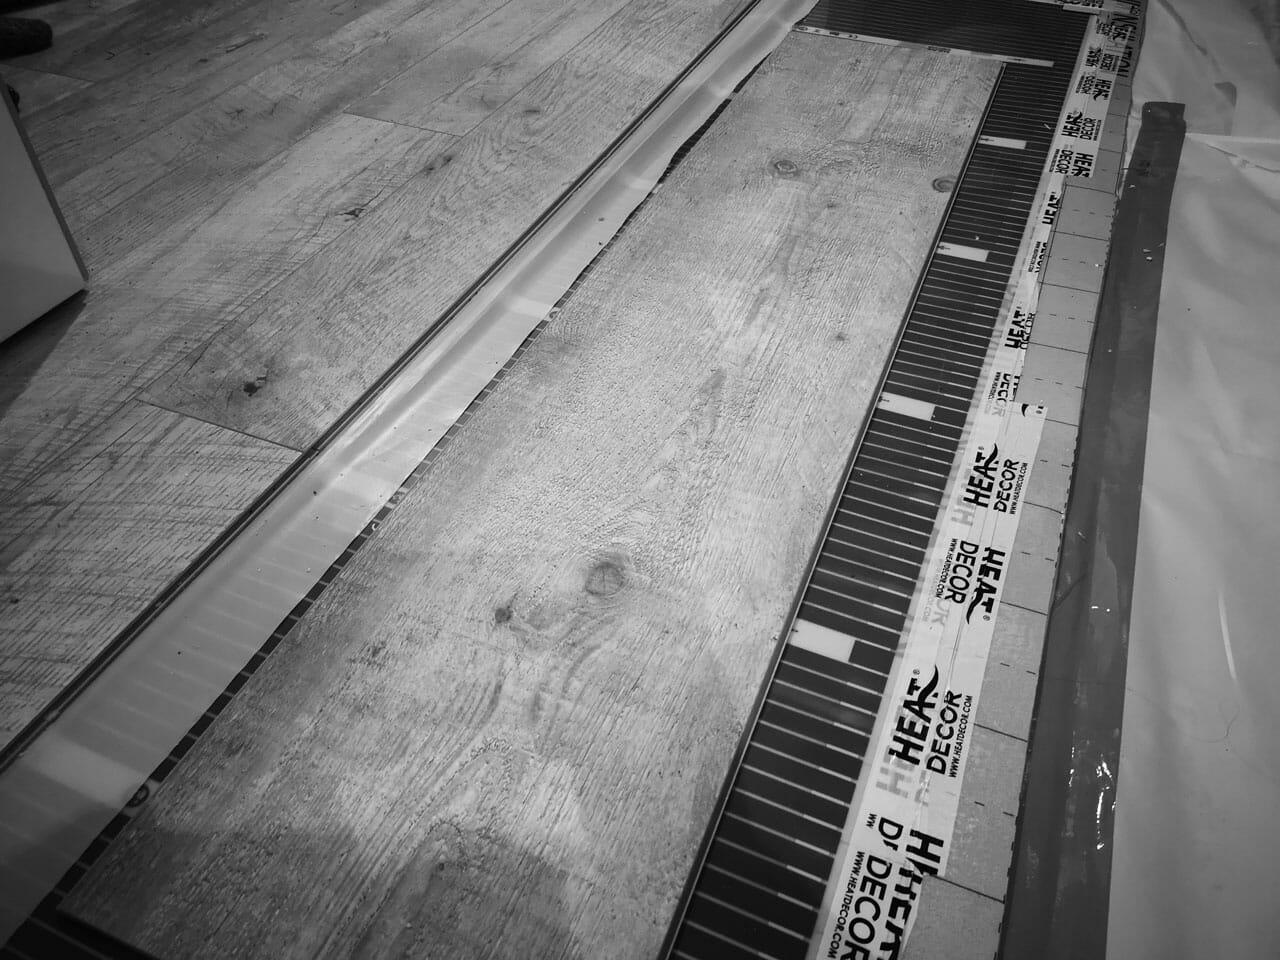 Ocieplenie podłogi płytami PIR